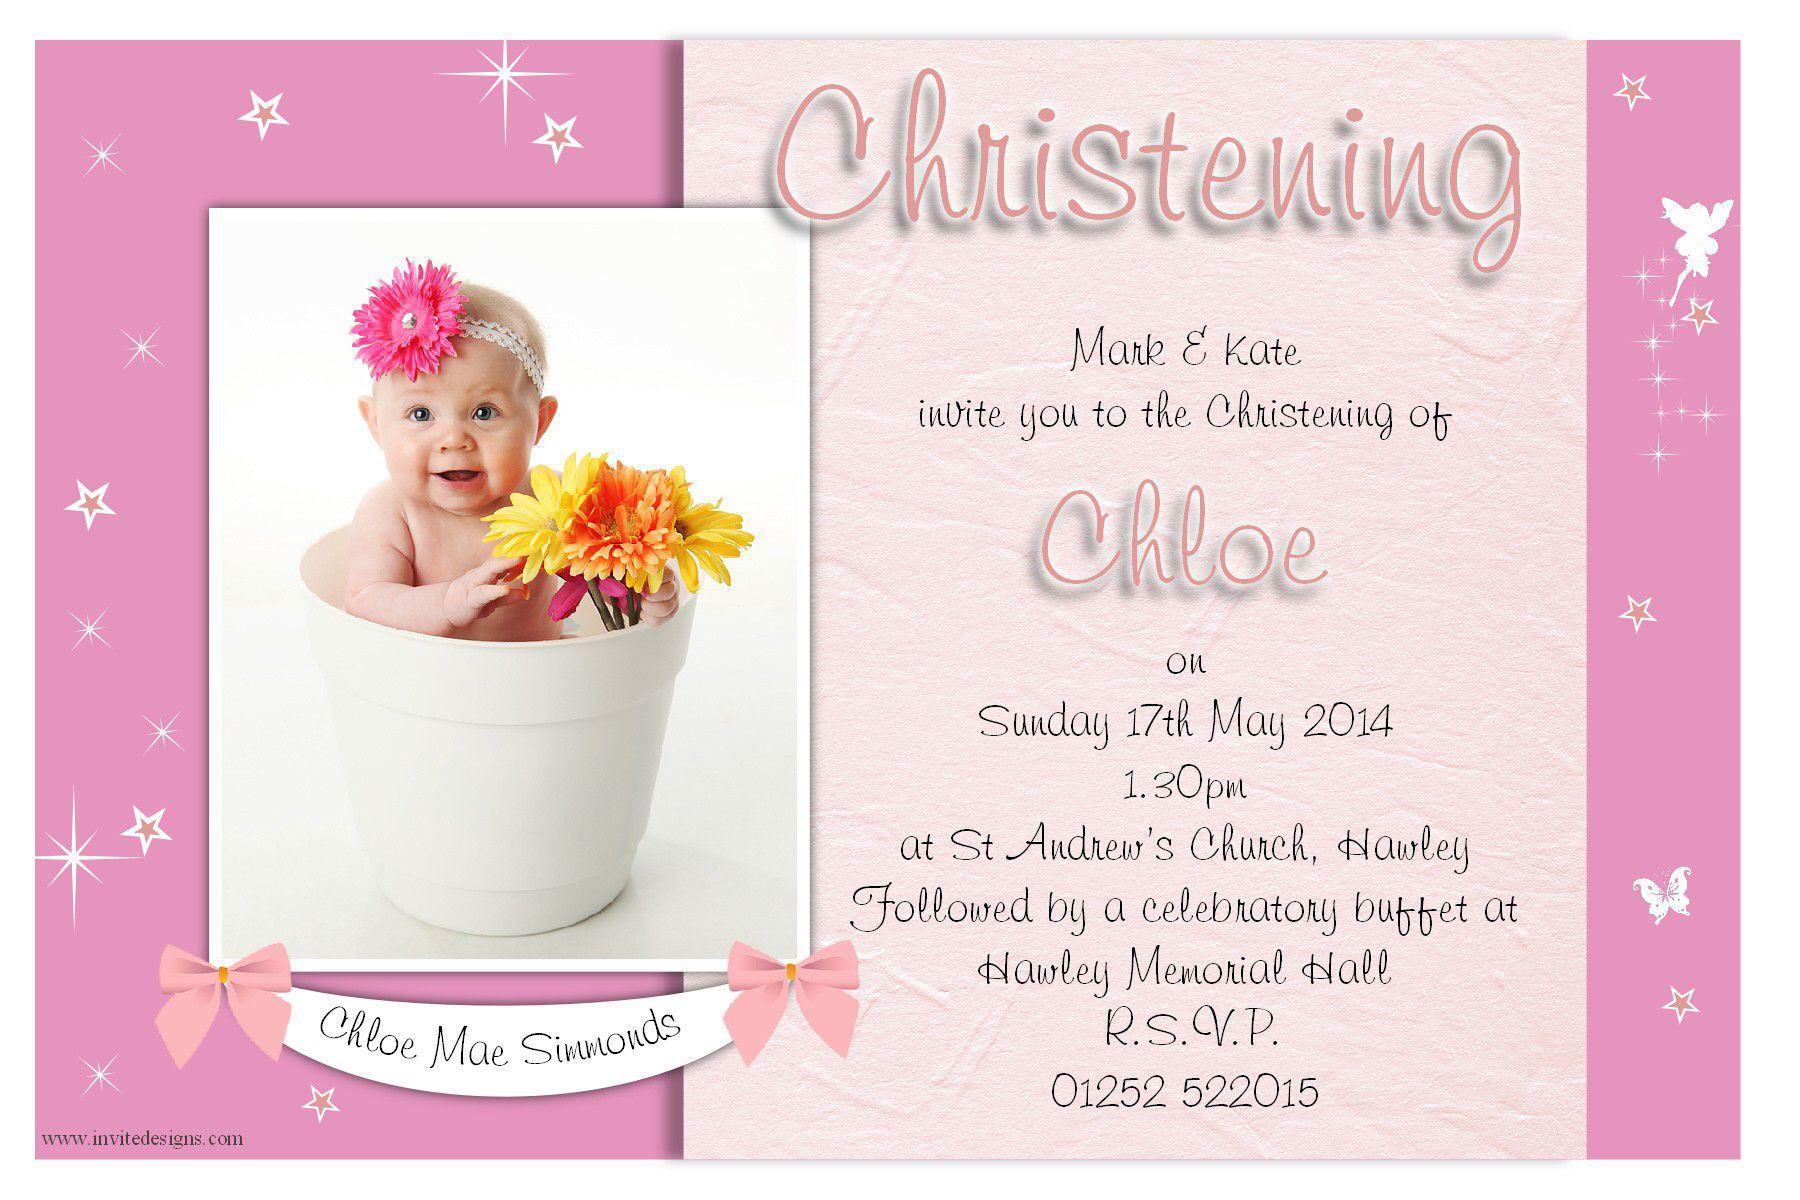 Invitation Card For Christening Invitation Card For Christening – Invitation Card Baptism